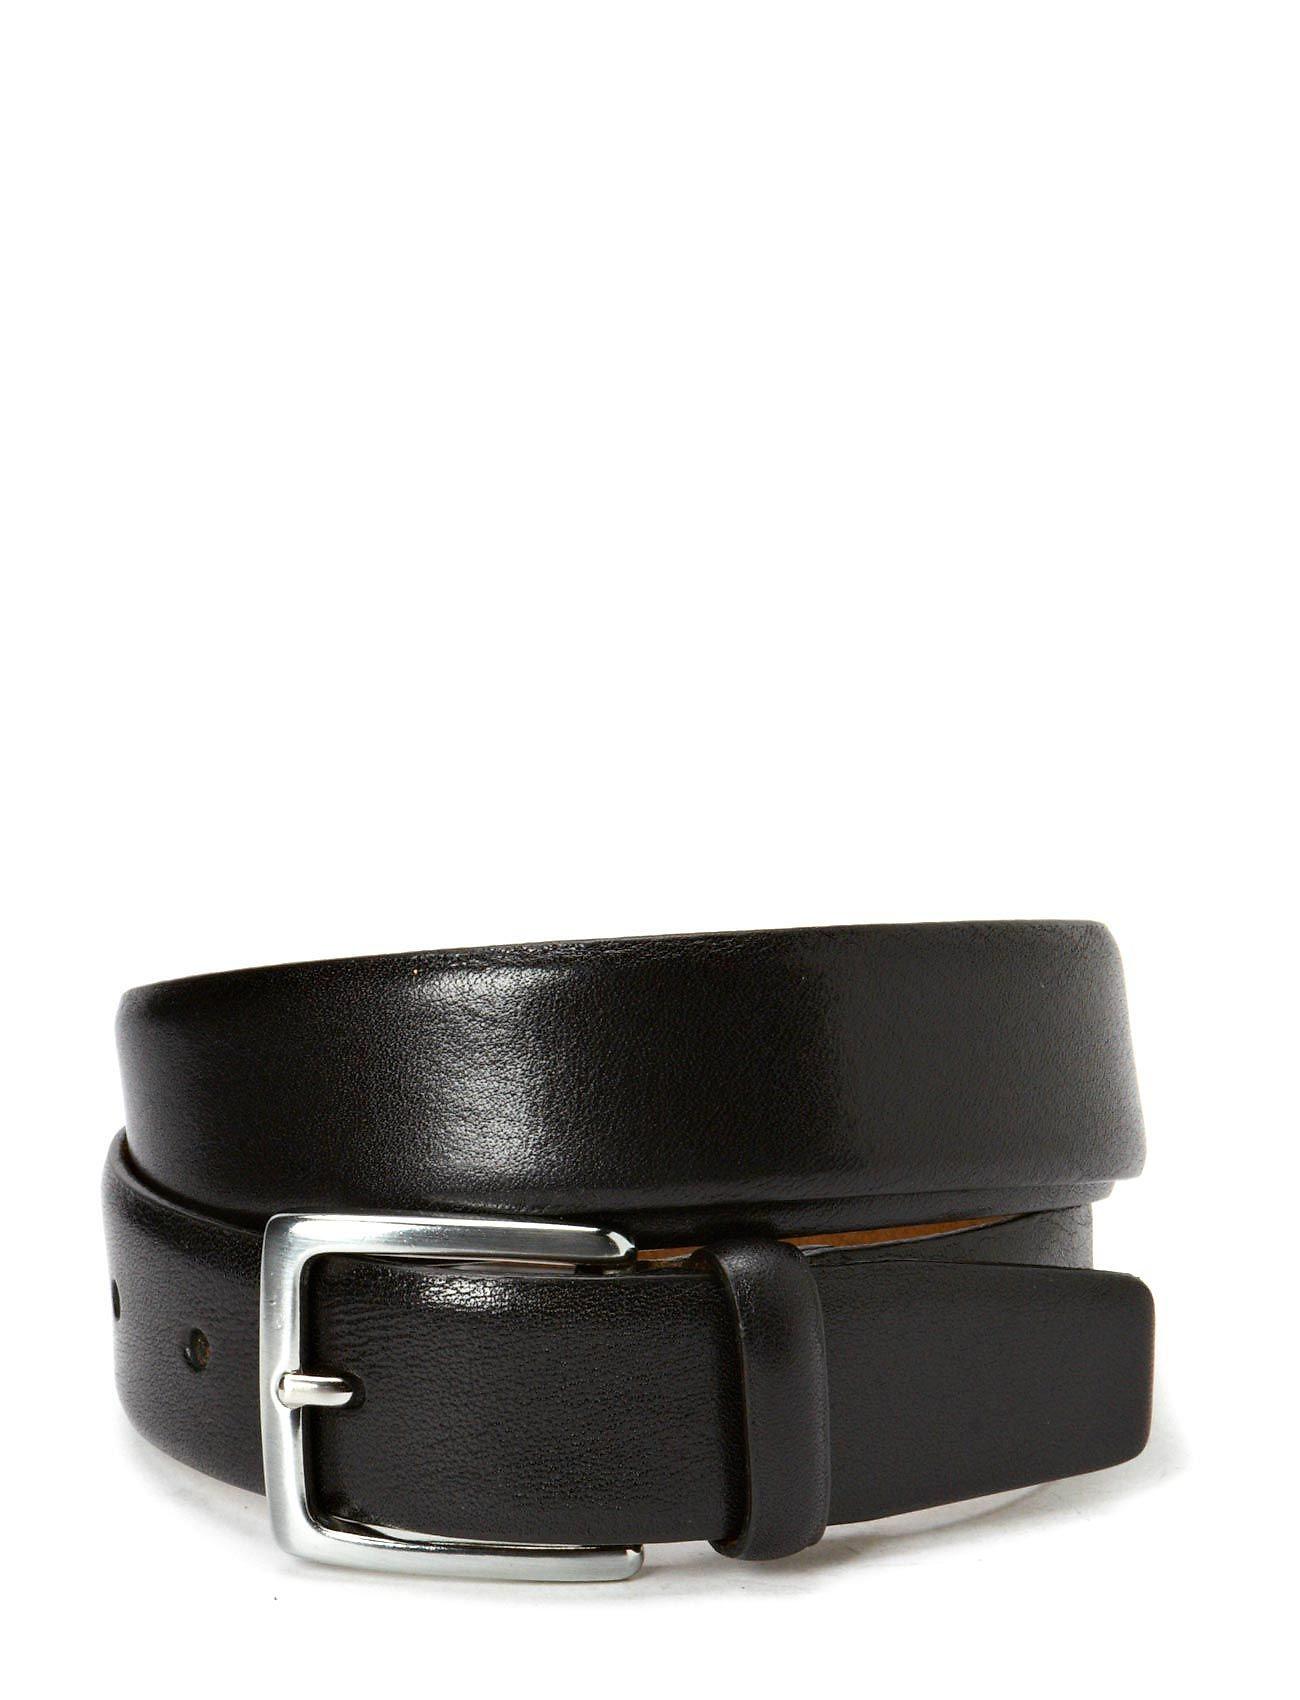 Royal RepubliQ Bel Belt ANA 3,0 cm - BLACK